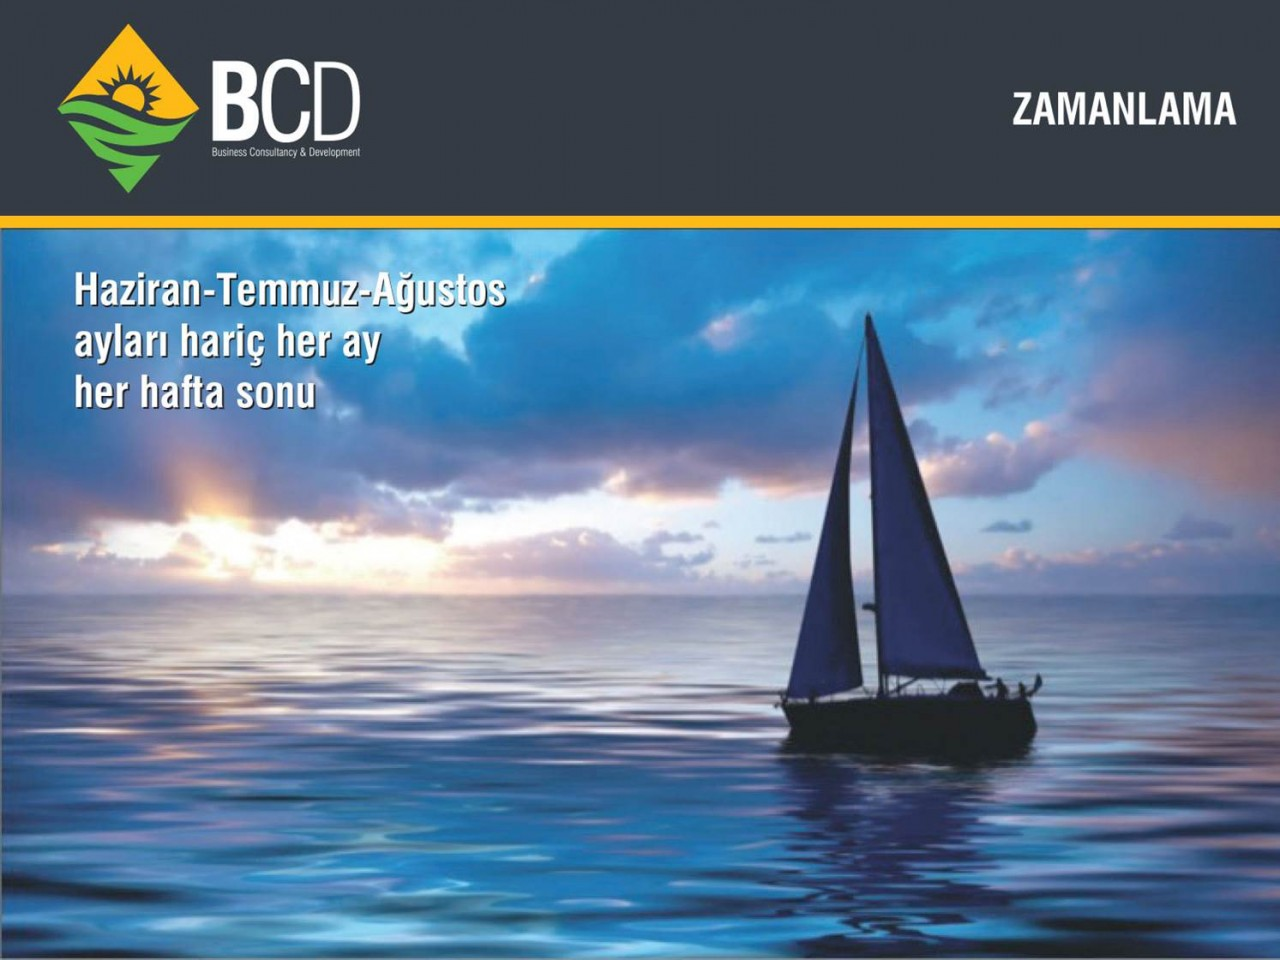 bcdturkey yelken liderlik takim ruhu 7 Yelkenli Tekne ile Liderlik ve Takım Ruhu Eğitimi